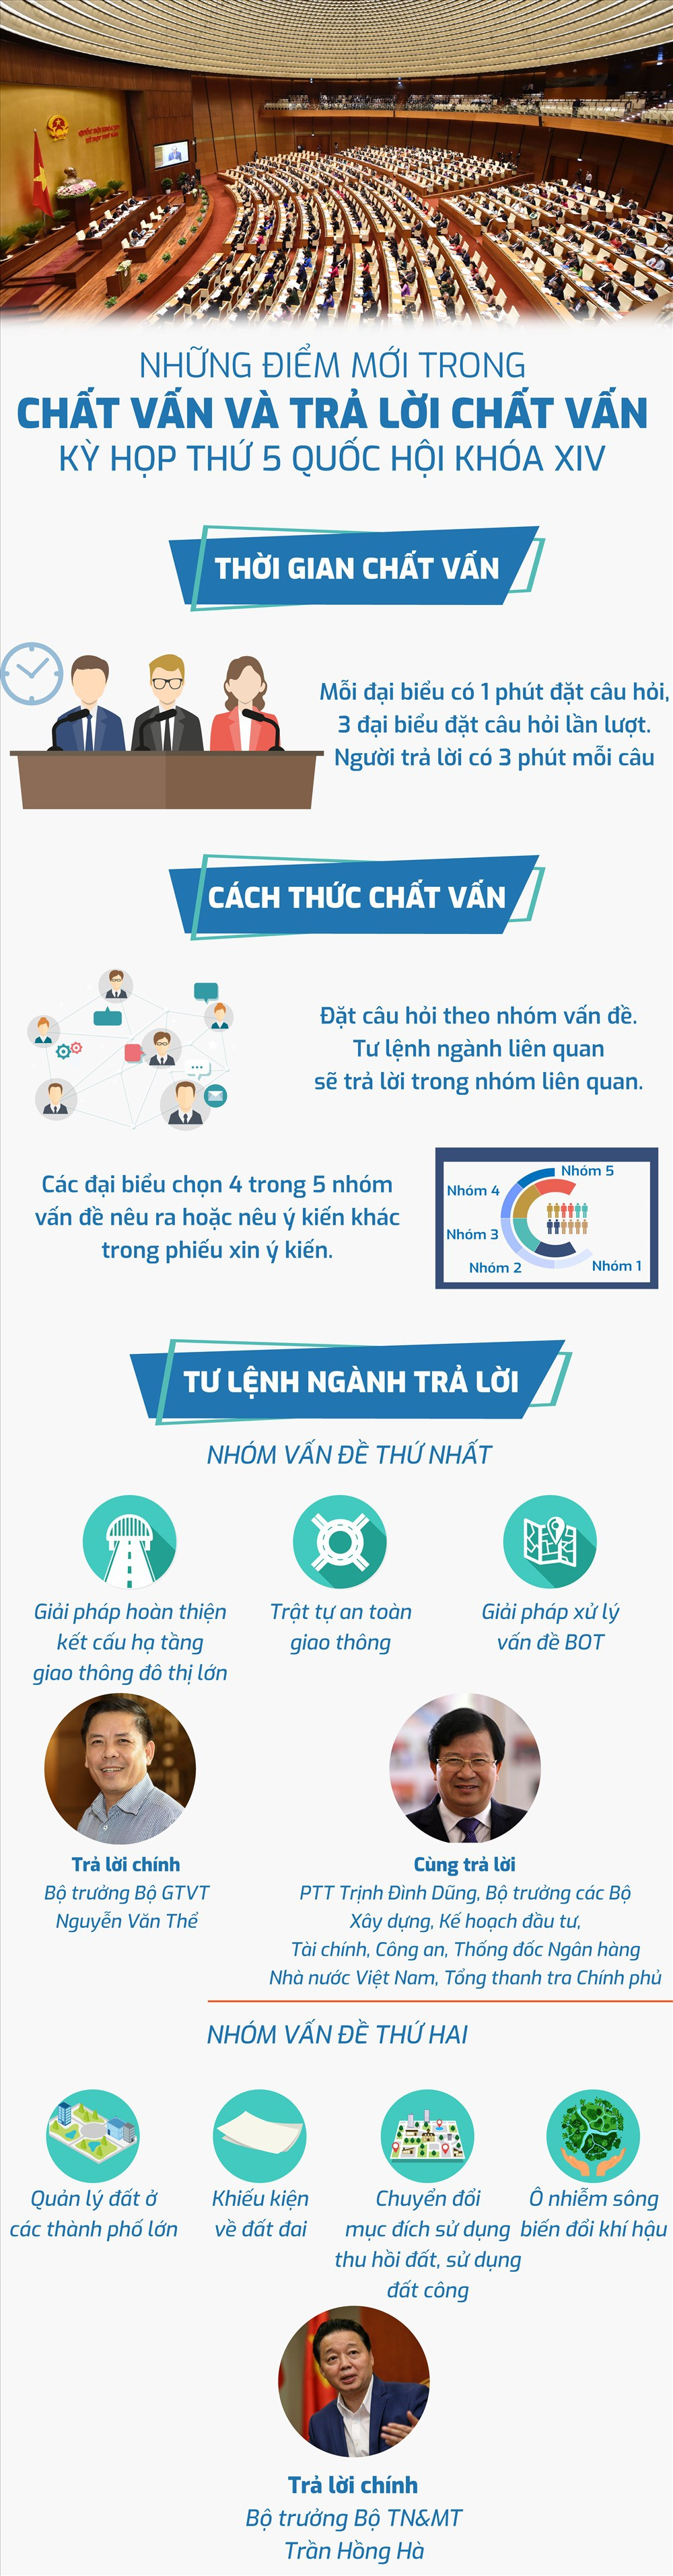 Infographic: Những điểm mới trong chất vấn và trả lời chất vấn Quốc hội khóa 14 - Ảnh 1.